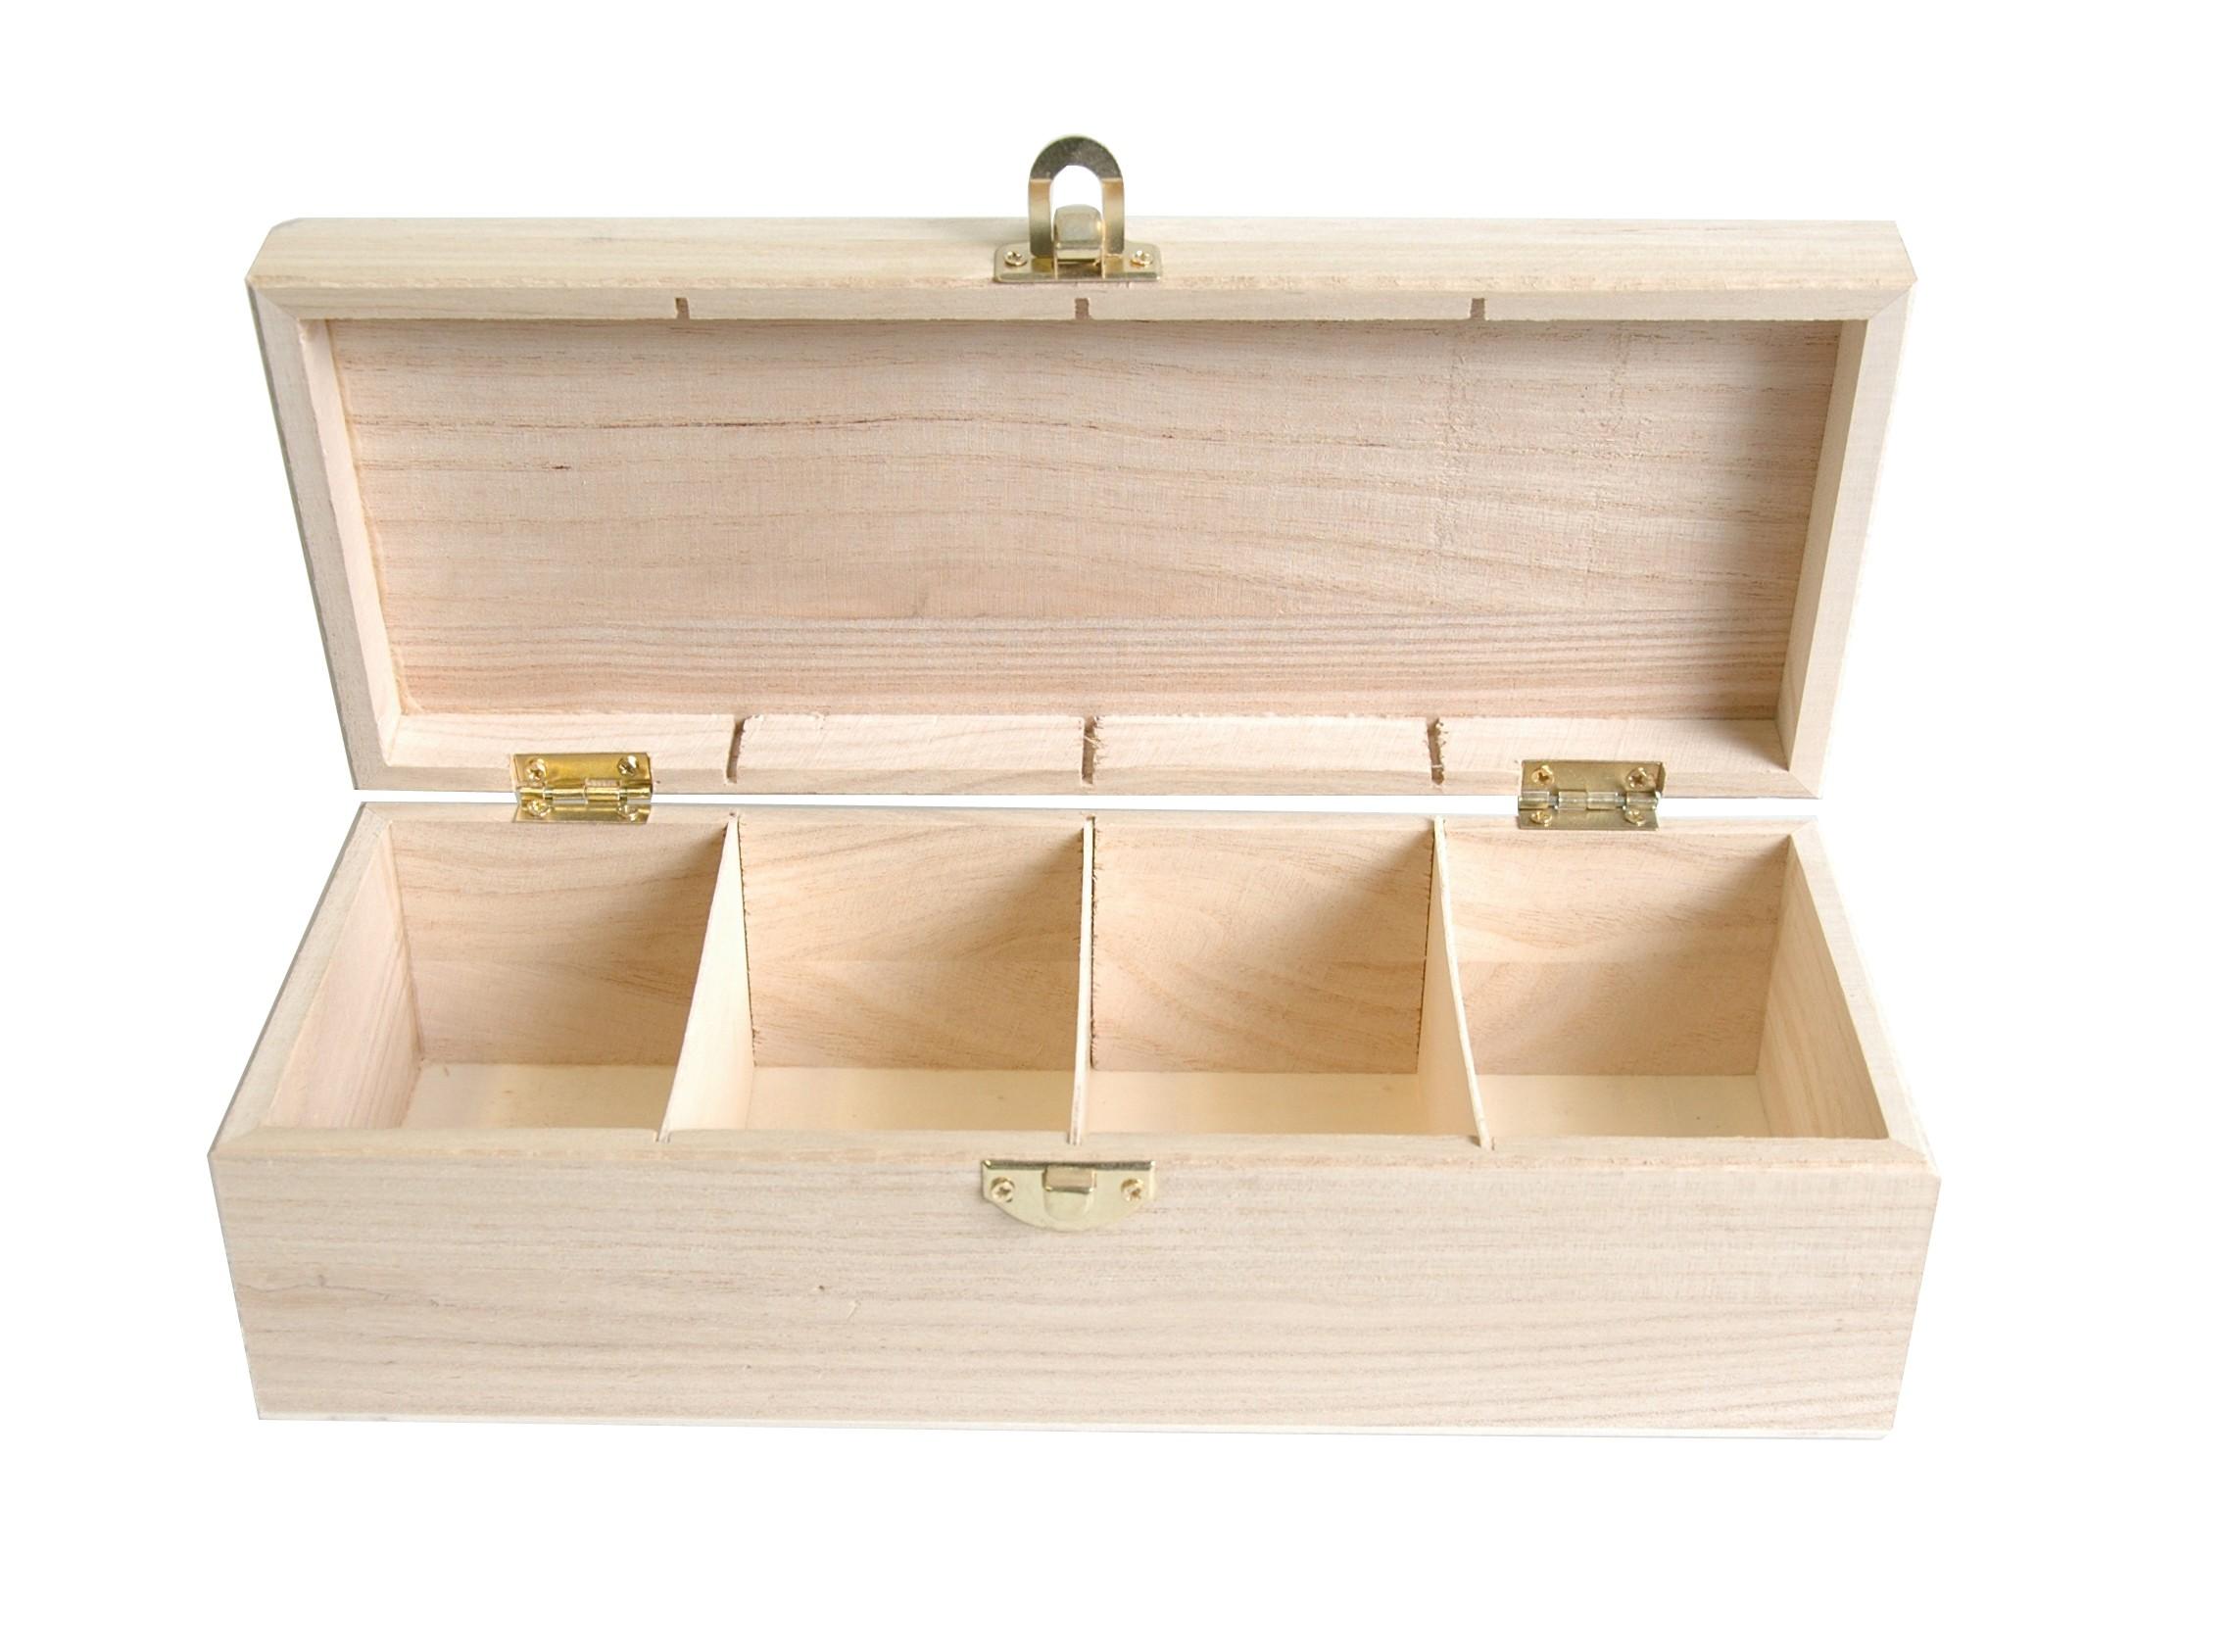 Caja Tipo Maleta De Madera ~ Cajas De Madera Con Tapa De Cristal